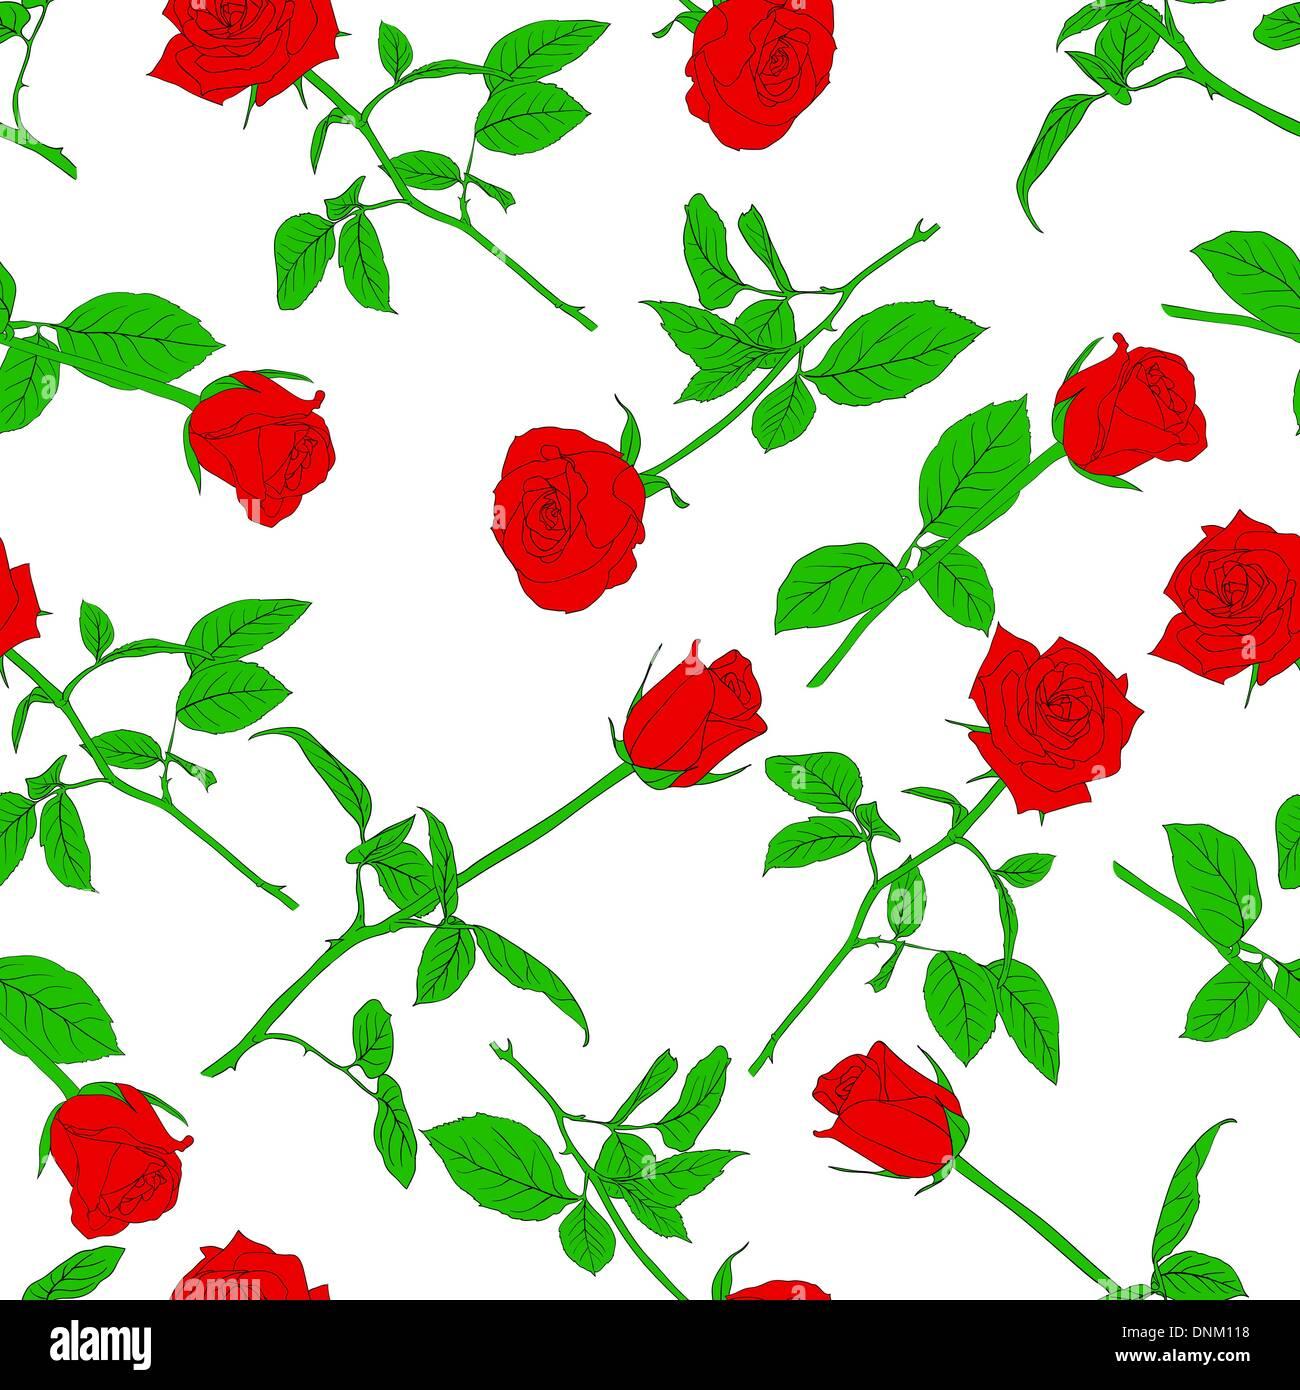 Sfondo senza giunture con rose. Potrebbe essere utilizzata come carta da parati senza giunture, tessile, la carta di avvolgimento o lo sfondo Immagini Stock